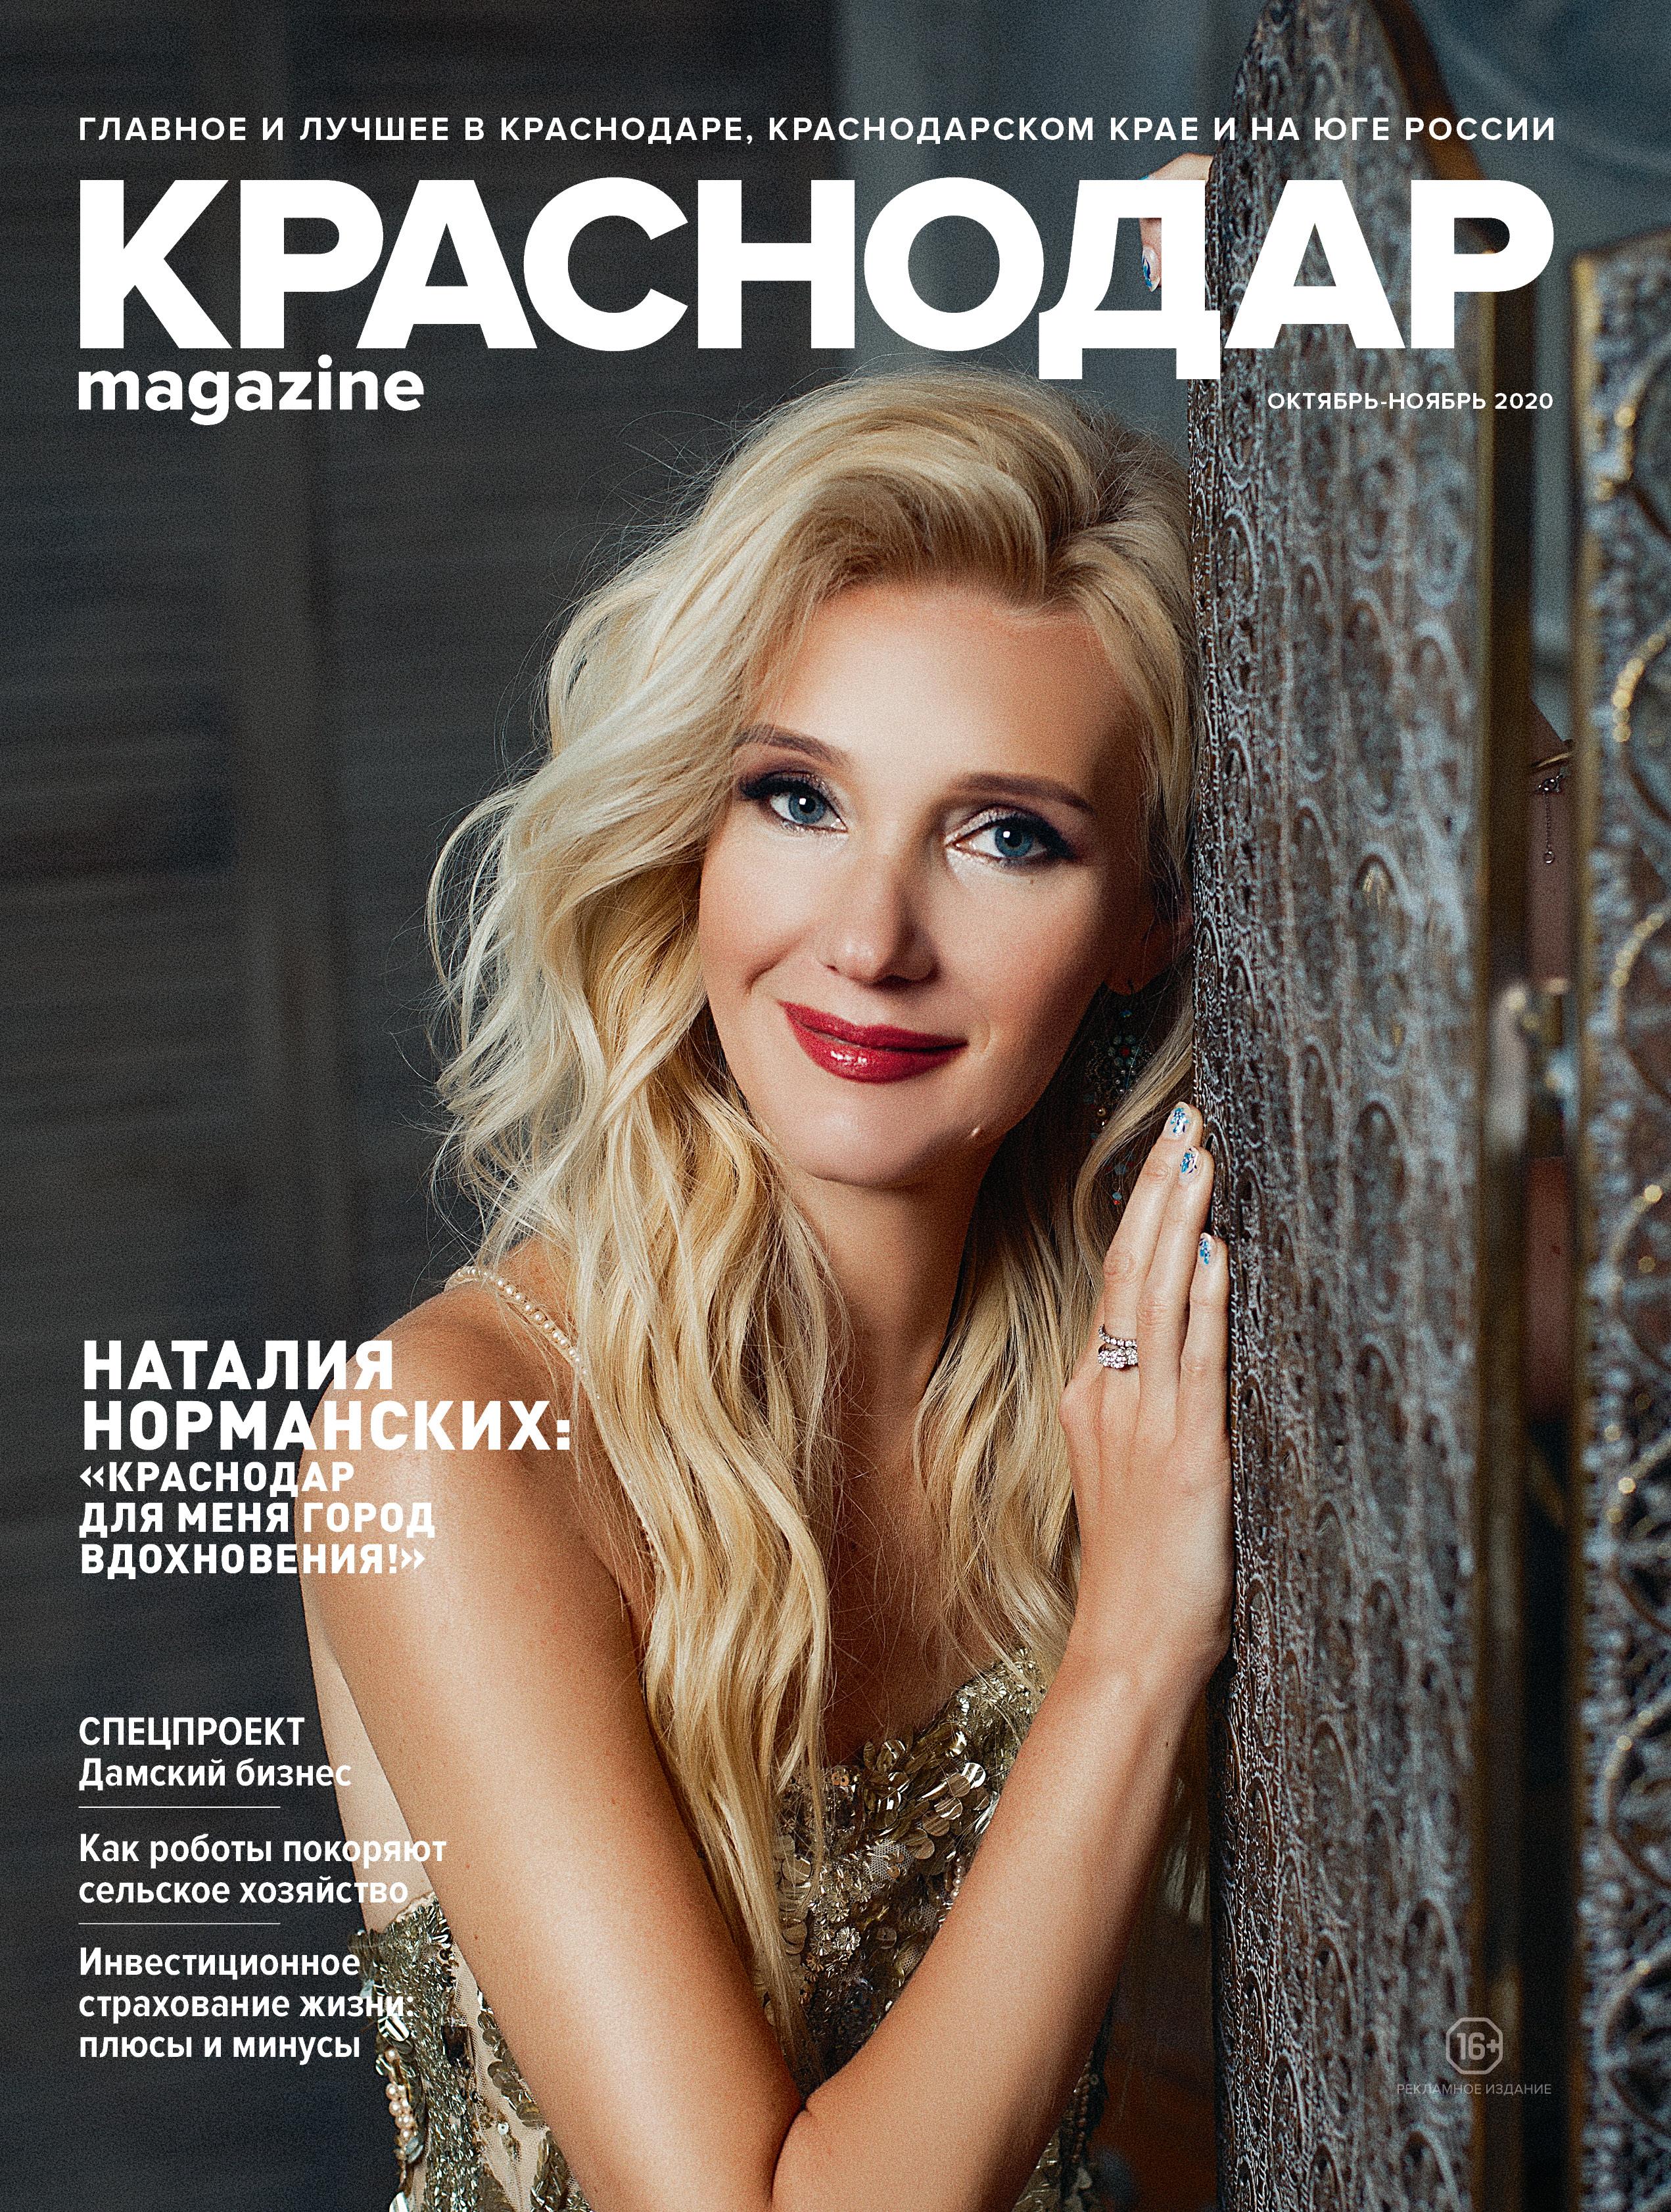 Краснодар Magazine №79 октябрь/ноябрь 2020